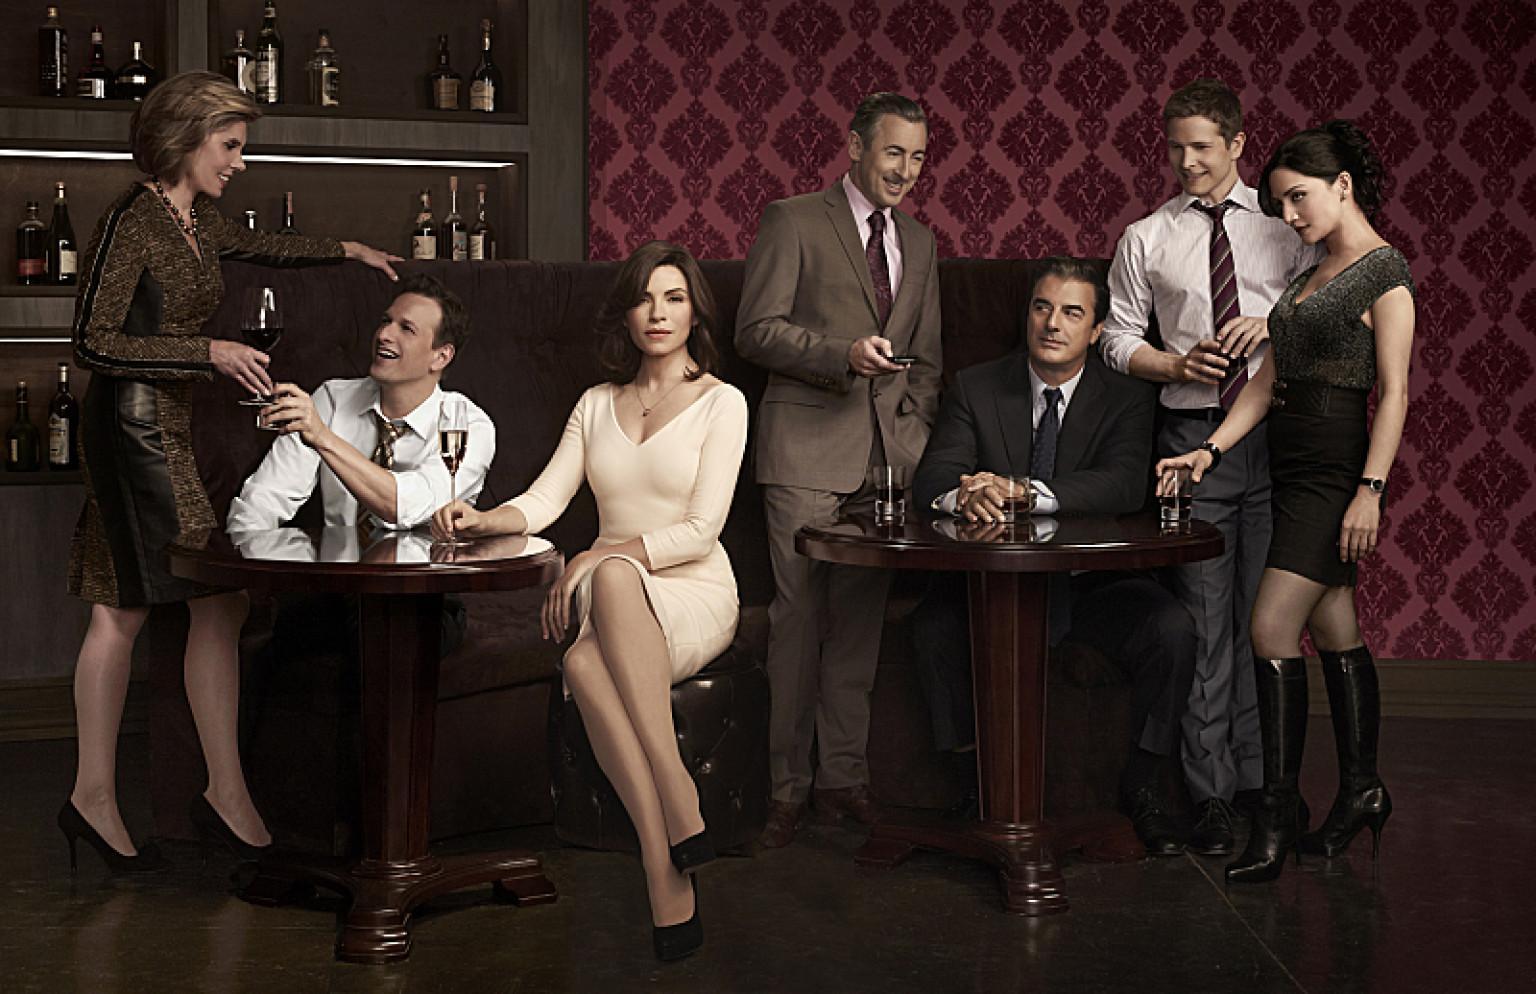 Alicia Florrick distribue des fessées : The Good Wife, saison 5